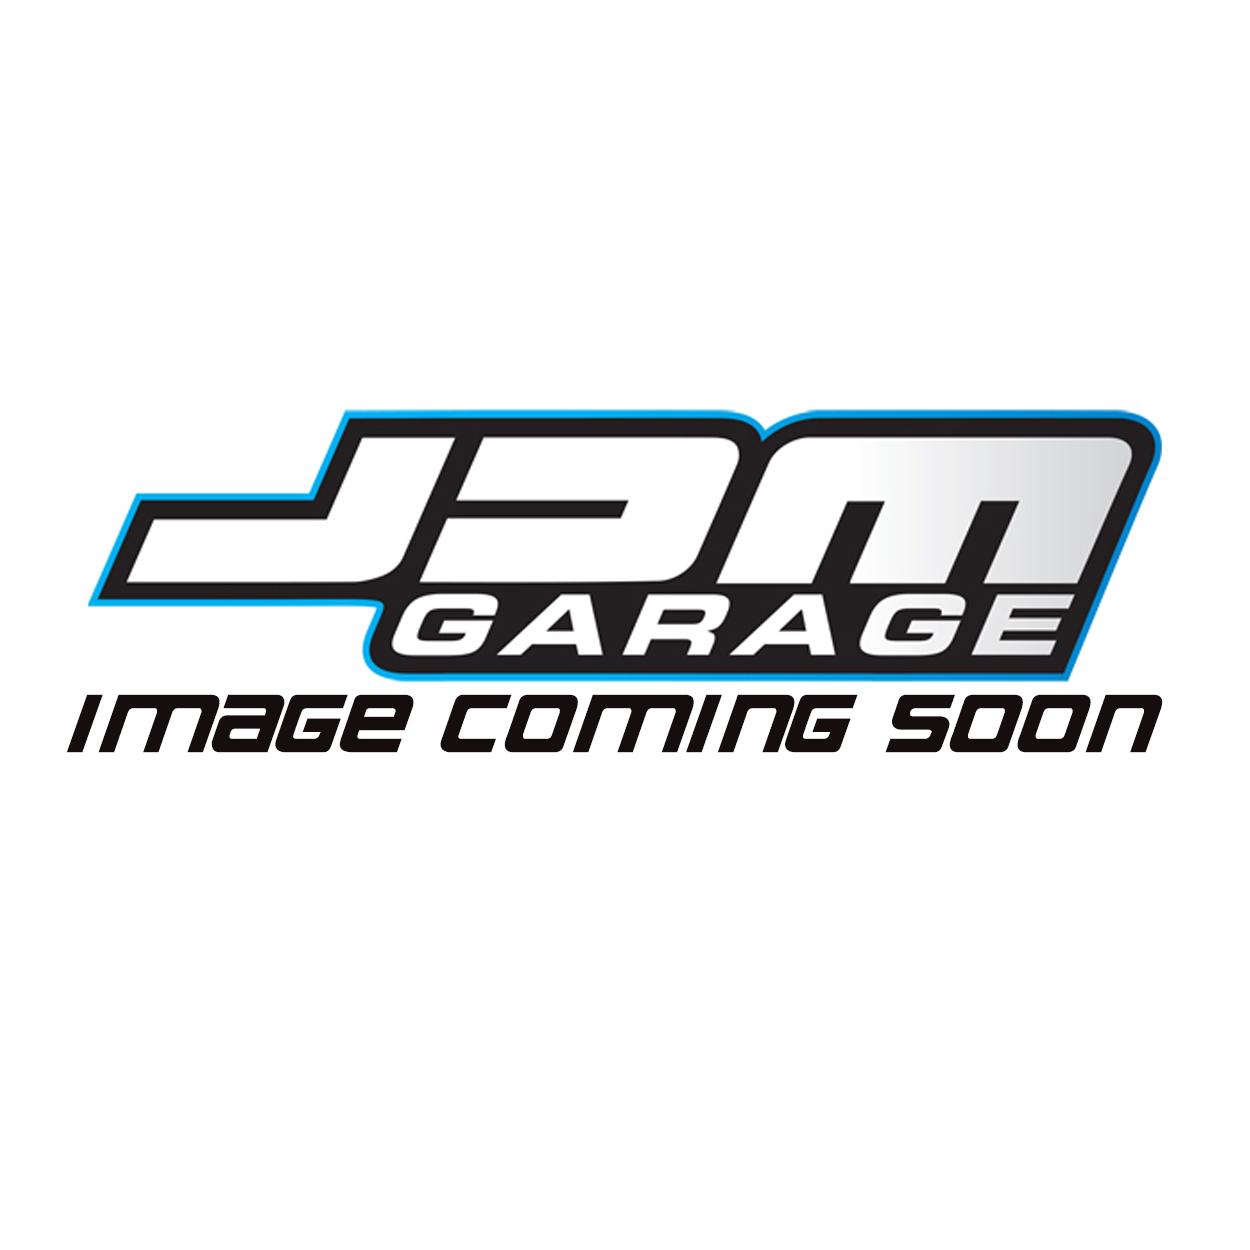 R200 Viscous Diff LSD Fits Nissan A31 C33 S13 RPS13 180SX 3.9 Ratio